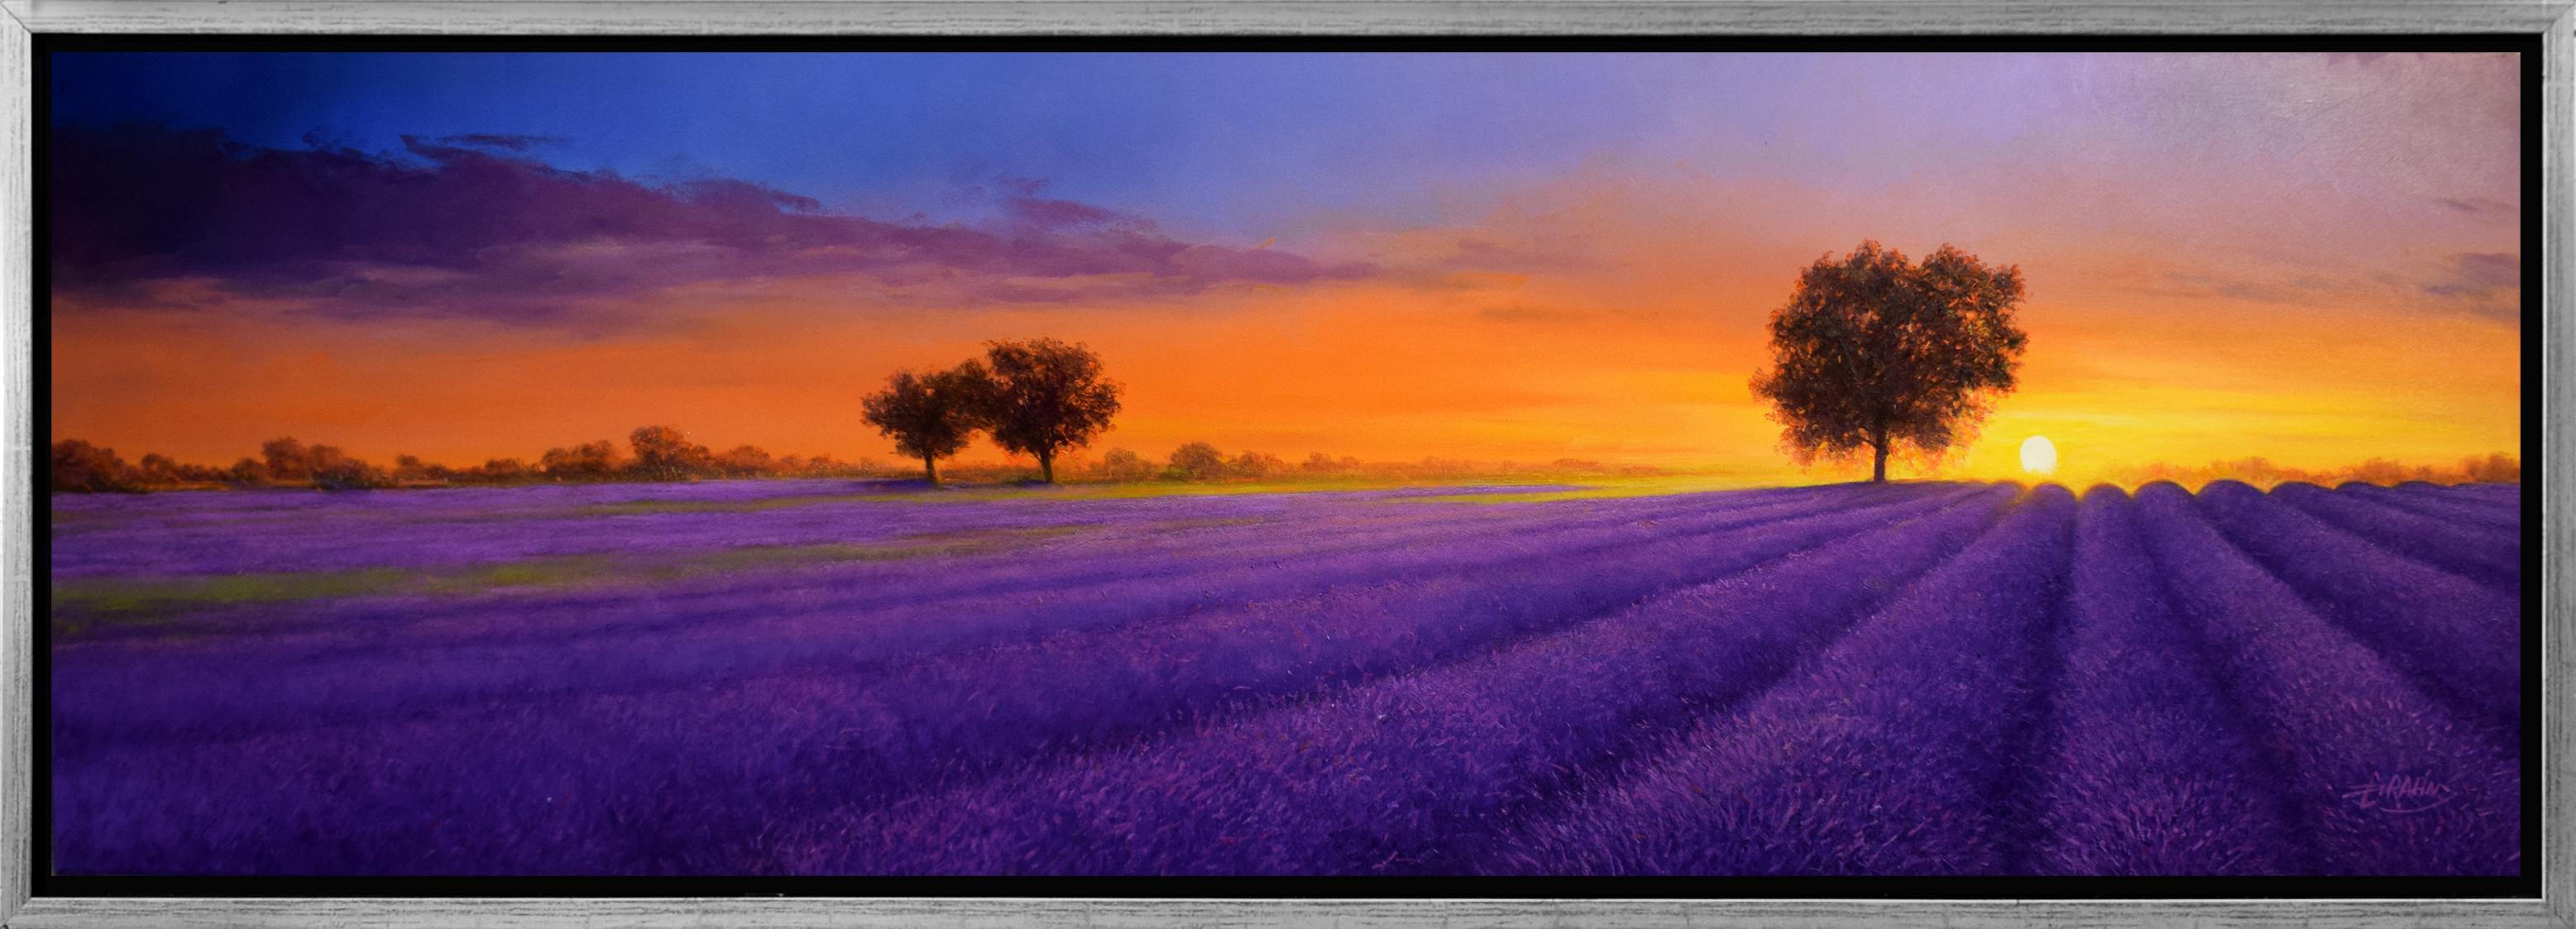 Detlef Rahn - Großes Lavendelfeld , 7838-006-057